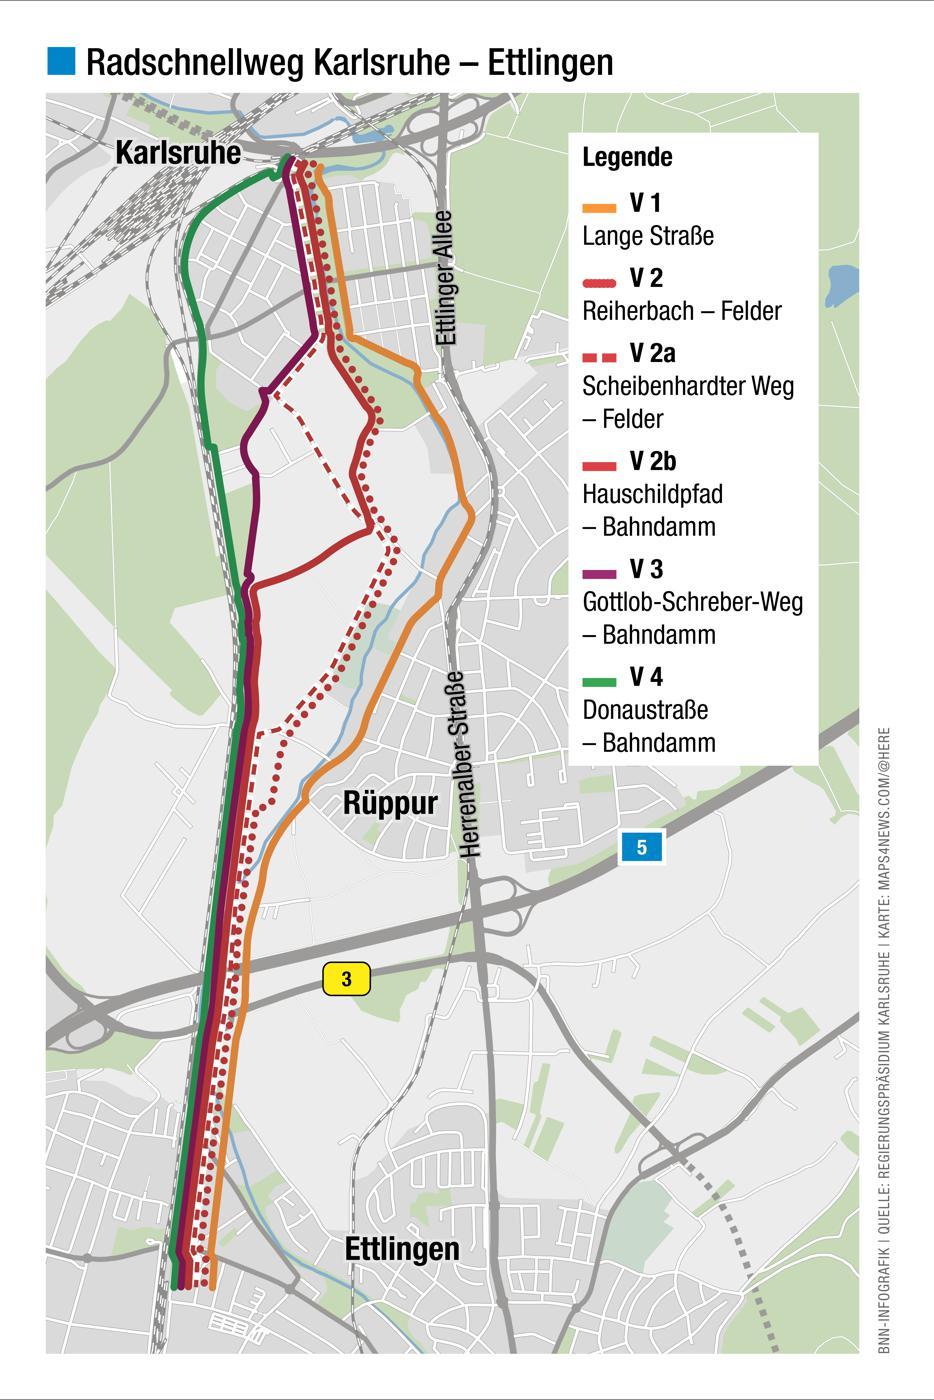 Radschnellweg zwischen Karlsruhe und Ettlingen.